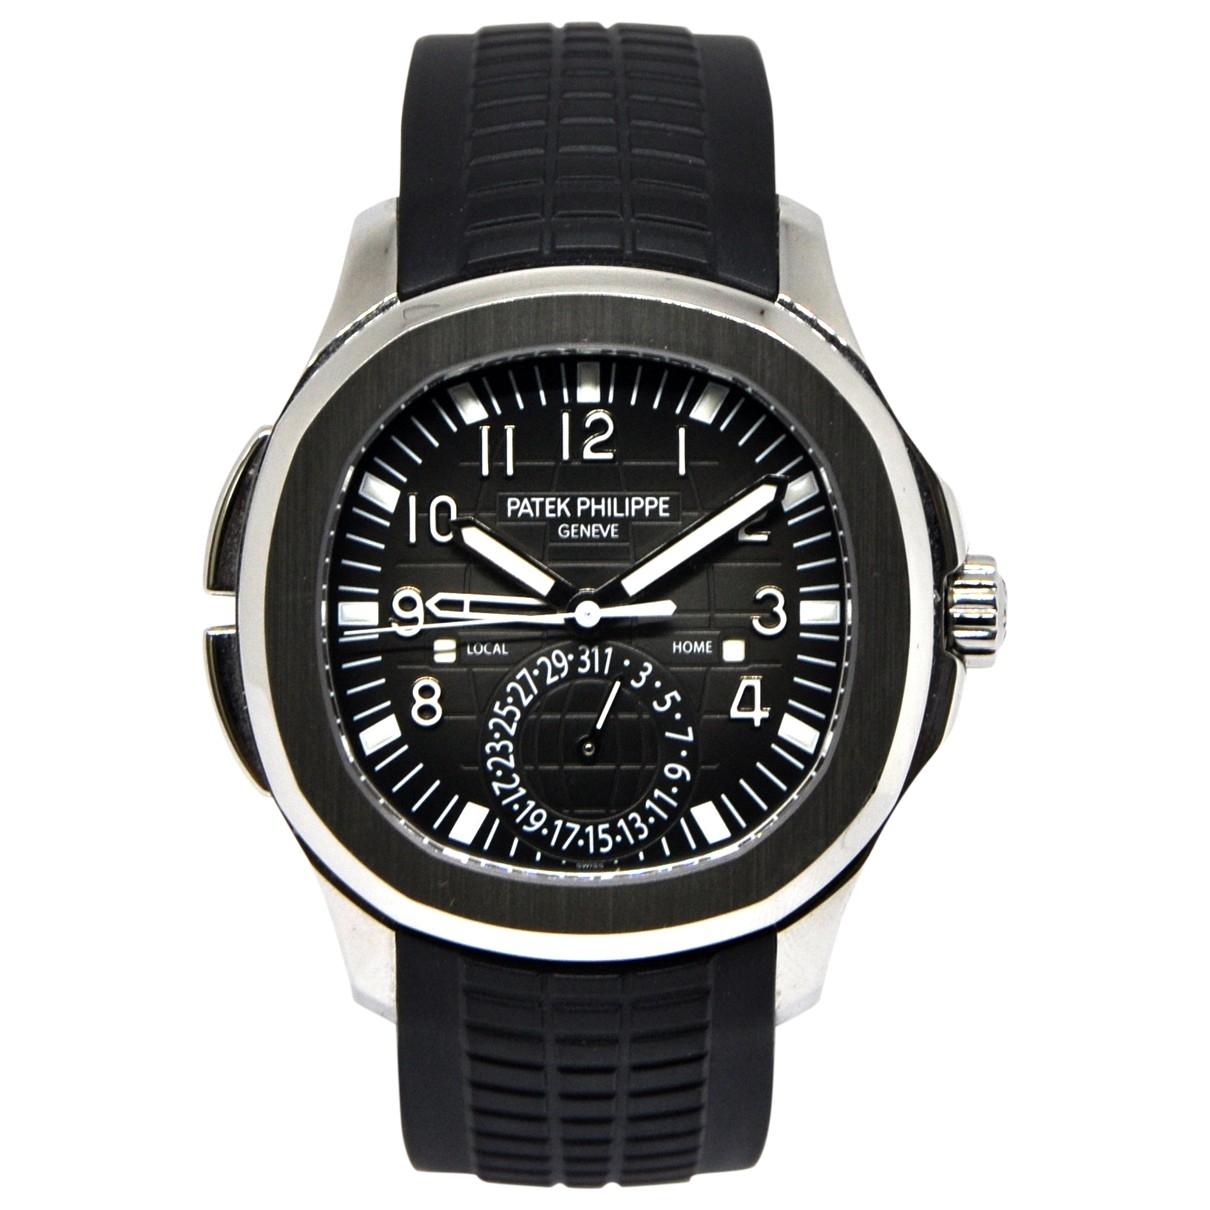 Patek Philippe Aquanaut Uhr in Stahl